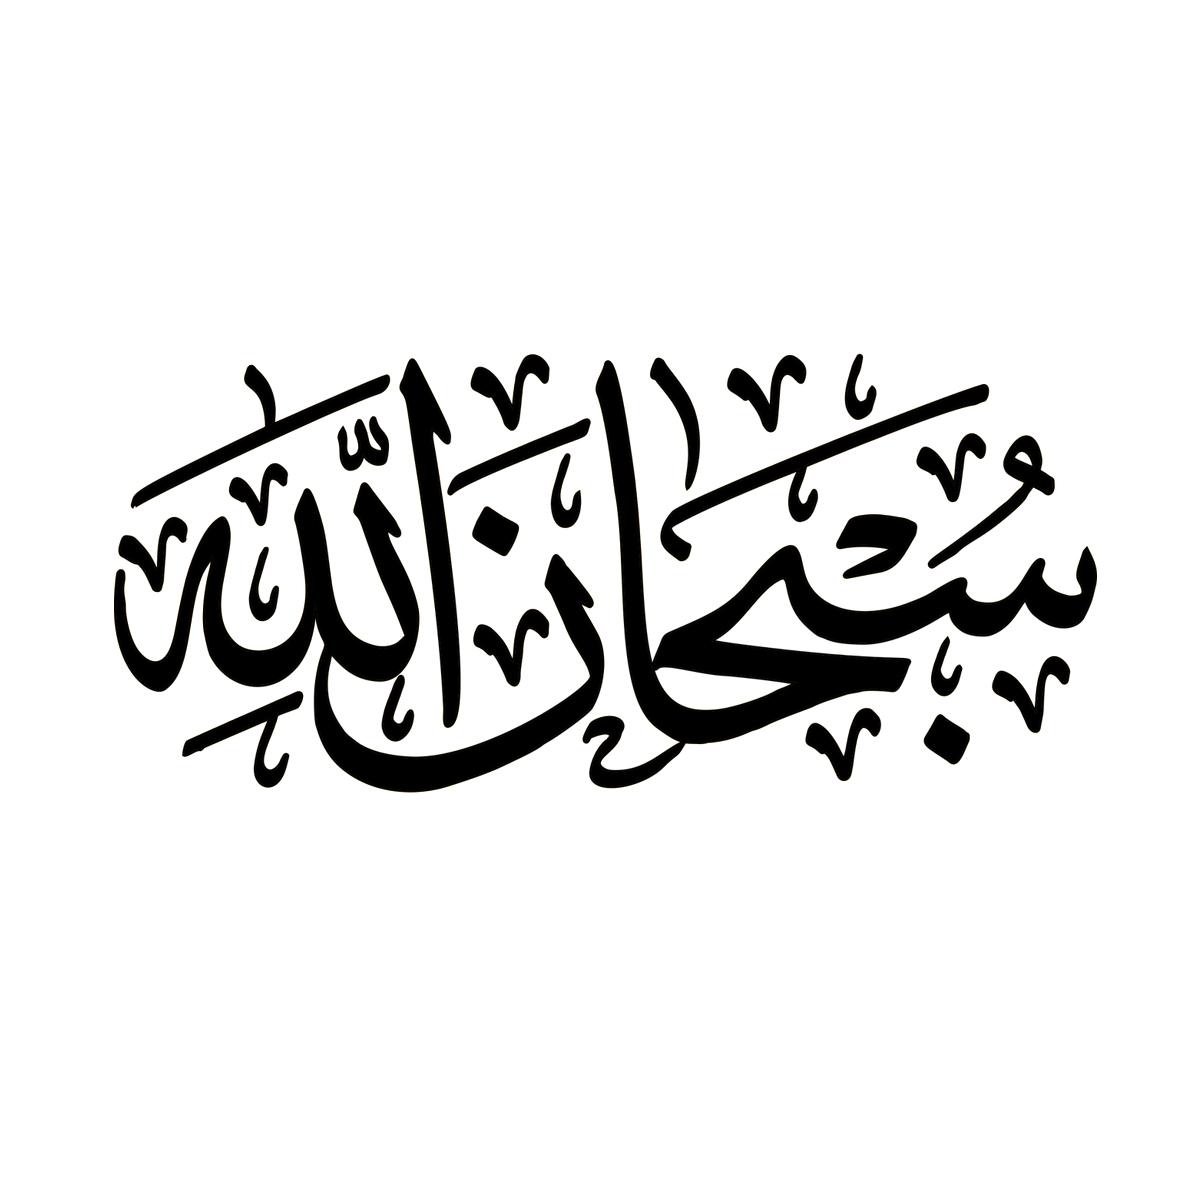 Islamic Arabic Calligraphy Wall Sticker Muslim Decal Car